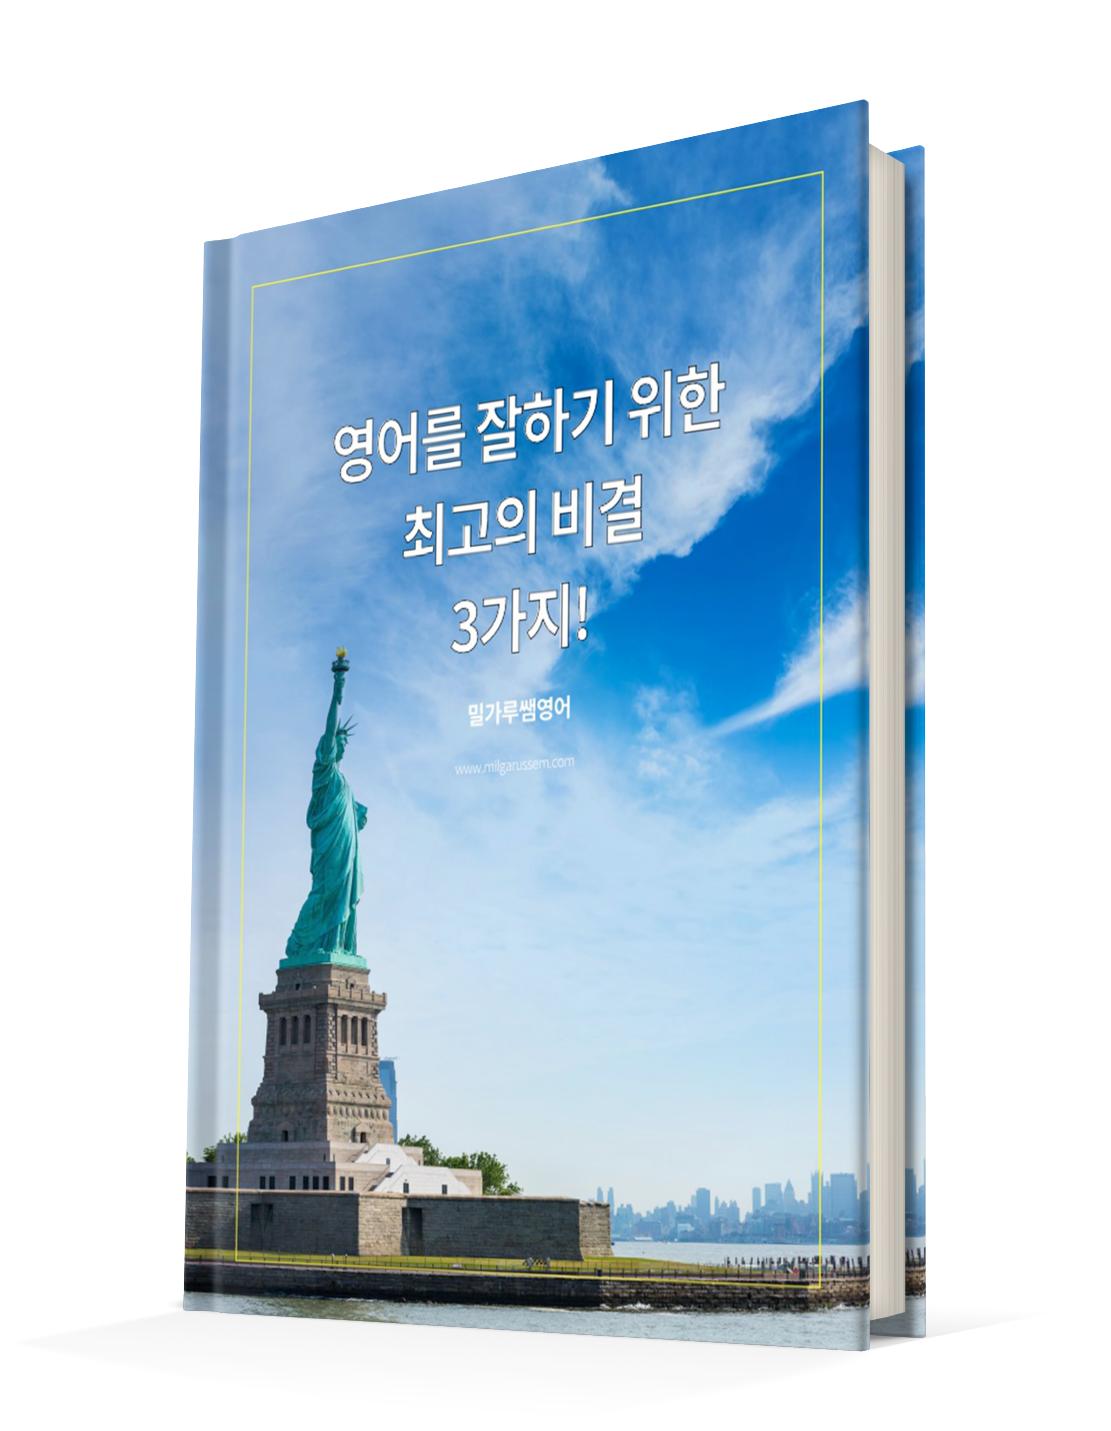 영어공부 소책자를 선물로 드립니다. 클릭해 보세요.